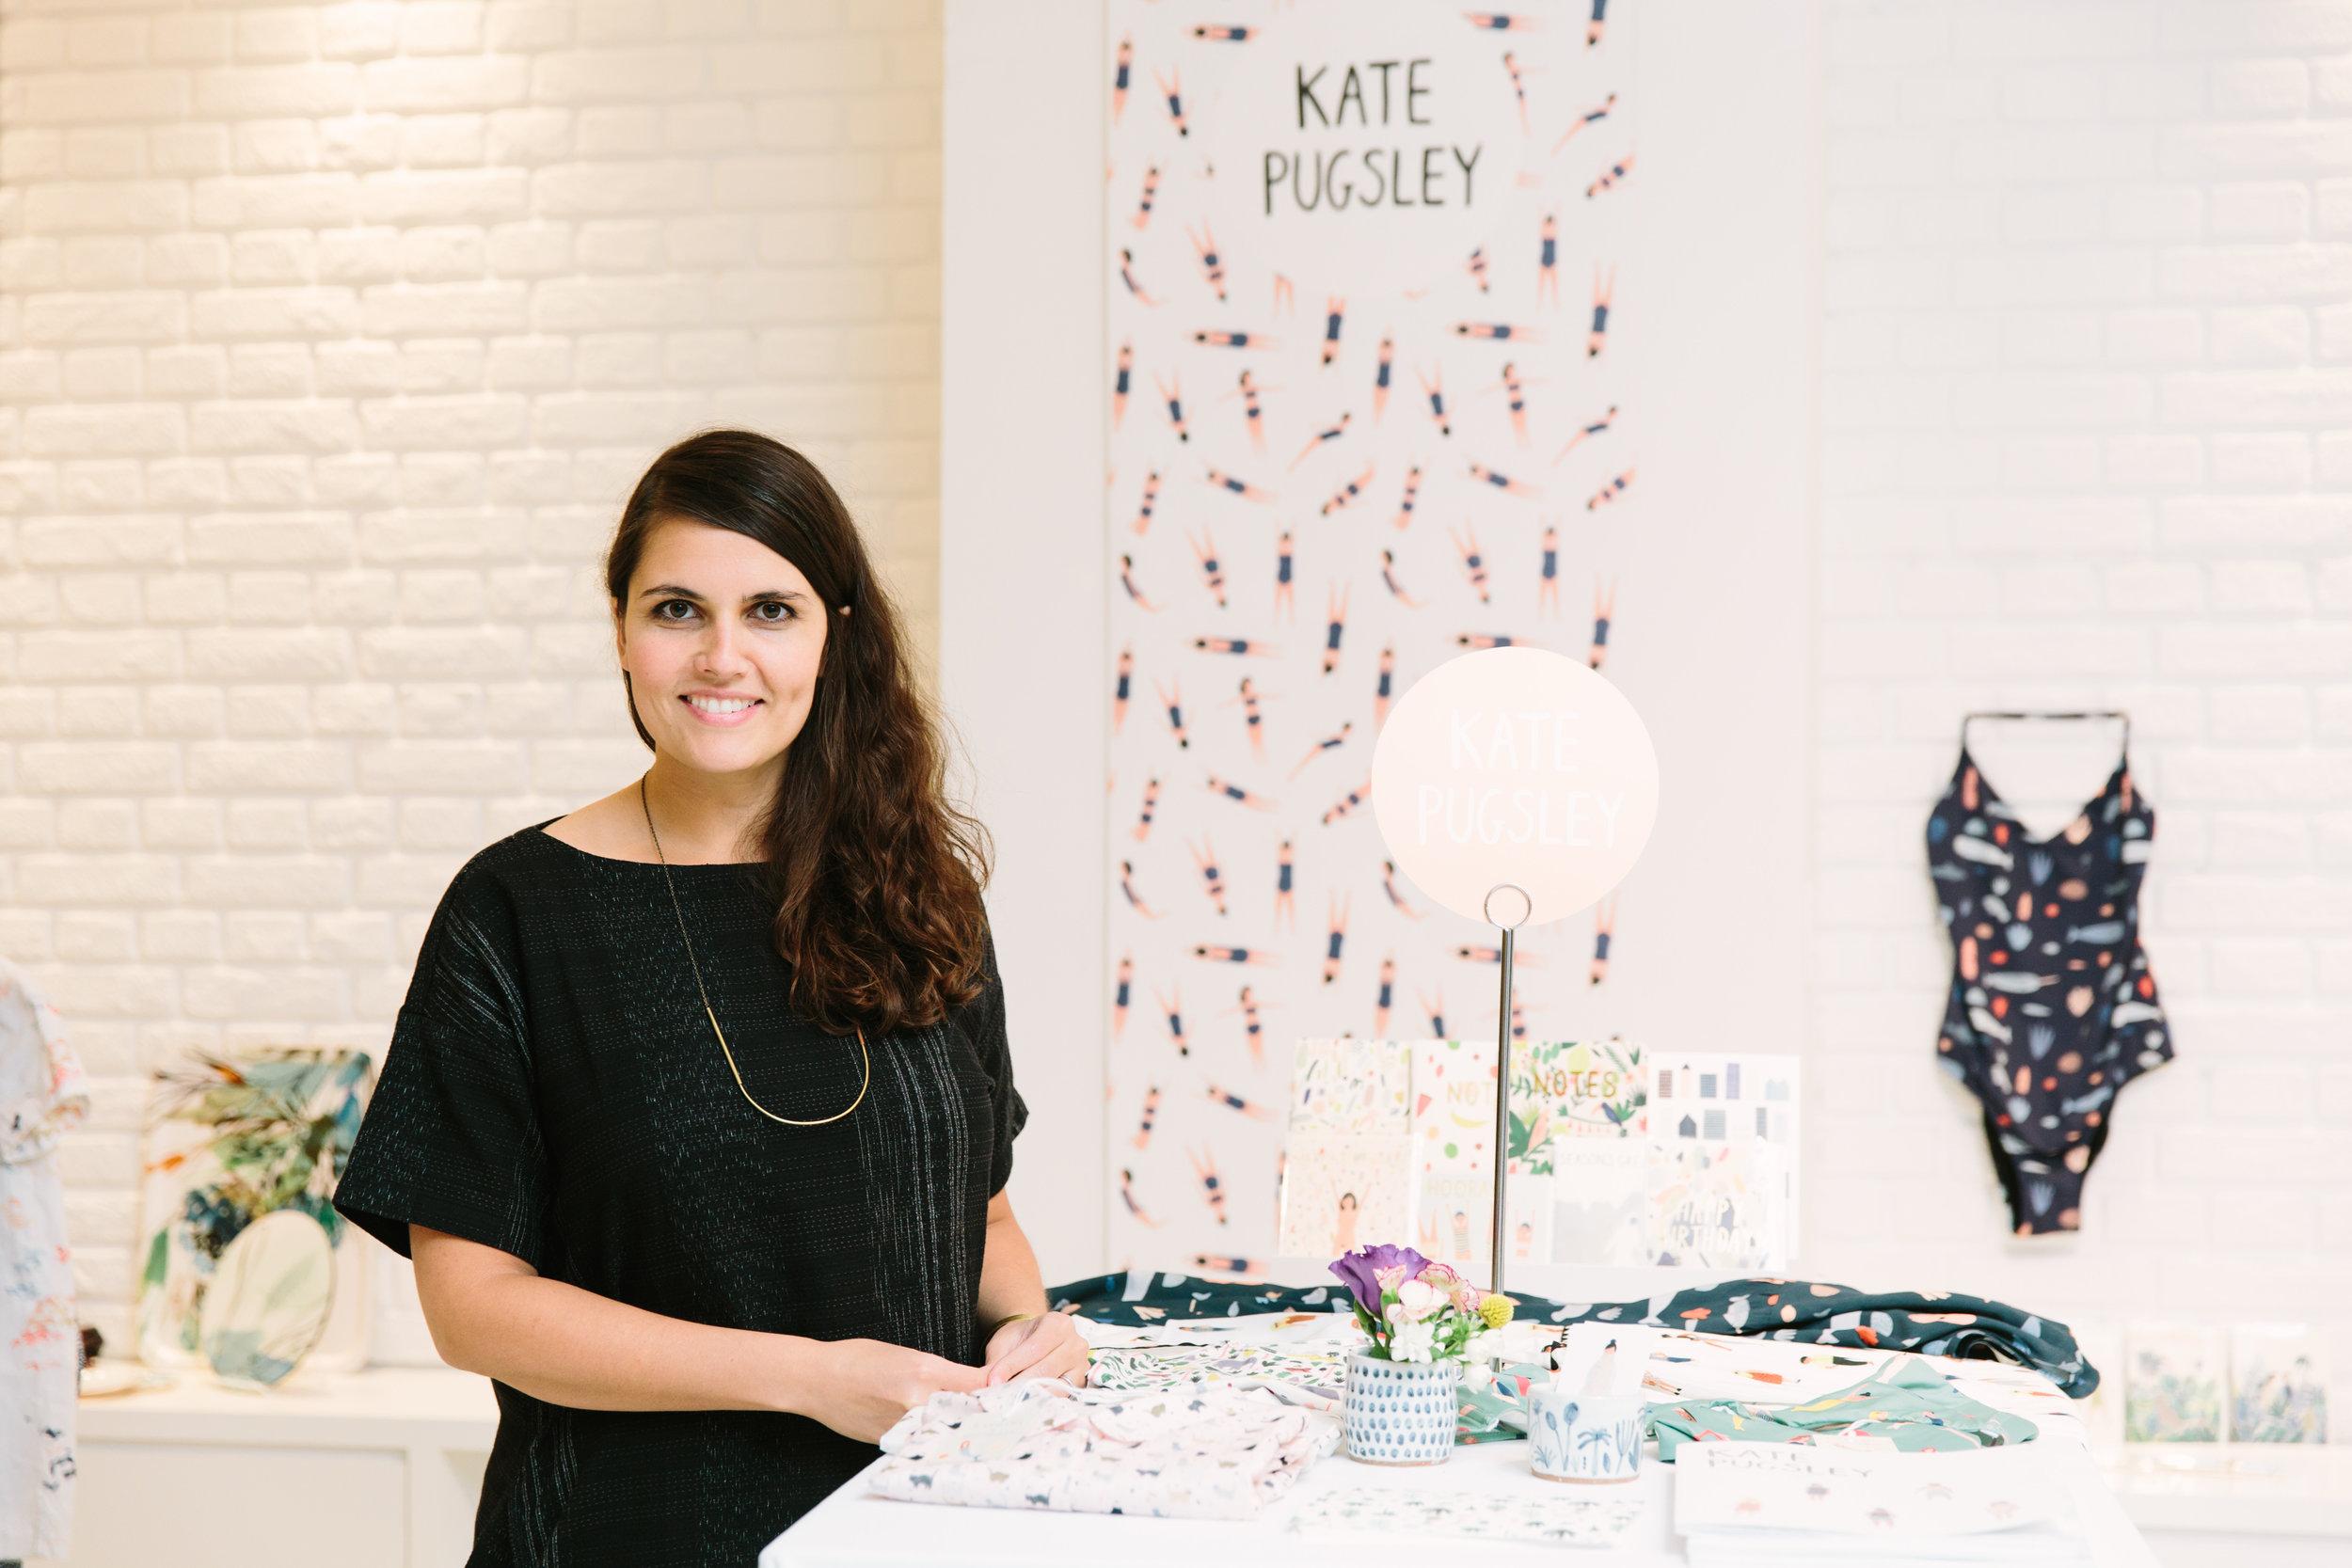 Kate Pugsley